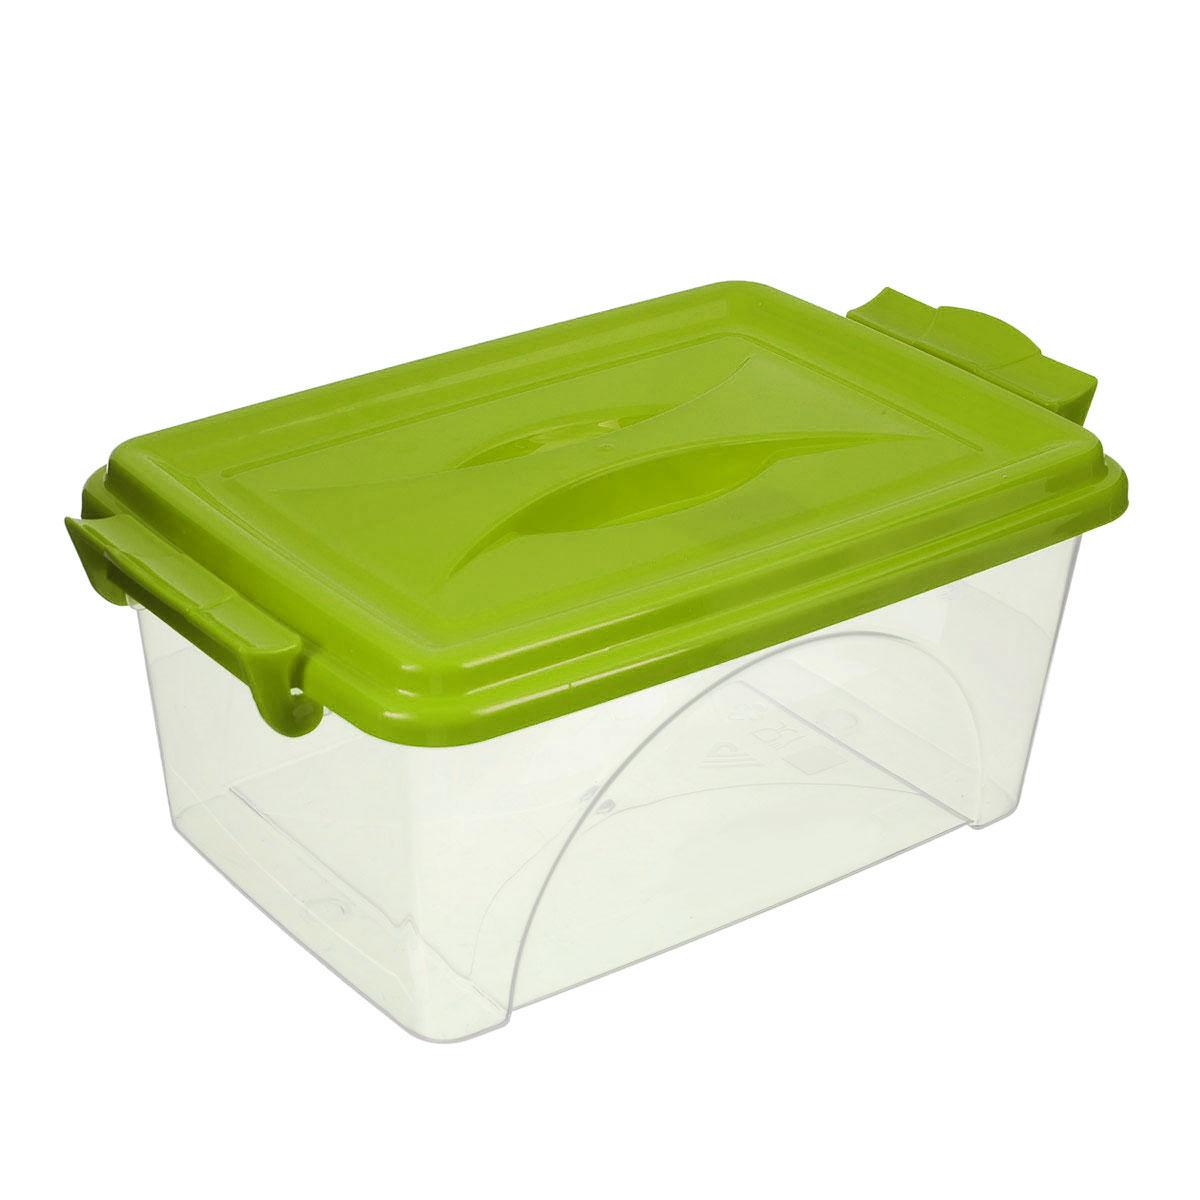 Контейнер Альтернатива, цвет: прозрачный, салатовый, 2,5 л74-0120Контейнер Альтернатива выполнен из прочного пластика. Он предназначен для хранения различных мелких вещей. Крышка легко открывается и плотно закрывается. Прозрачные стенки позволяют видеть содержимое. По бокам предусмотрены две удобные ручки, с помощью которых контейнер закрывается.Контейнер поможет хранить все в одном месте, а также защитить вещи от пыли, грязи и влаги.Размер с учетом крышки: 25 см х 16,5 см х 13,5 см.Размер без учета крышки: 24,5 см х 16,5 см х 10,5 см.